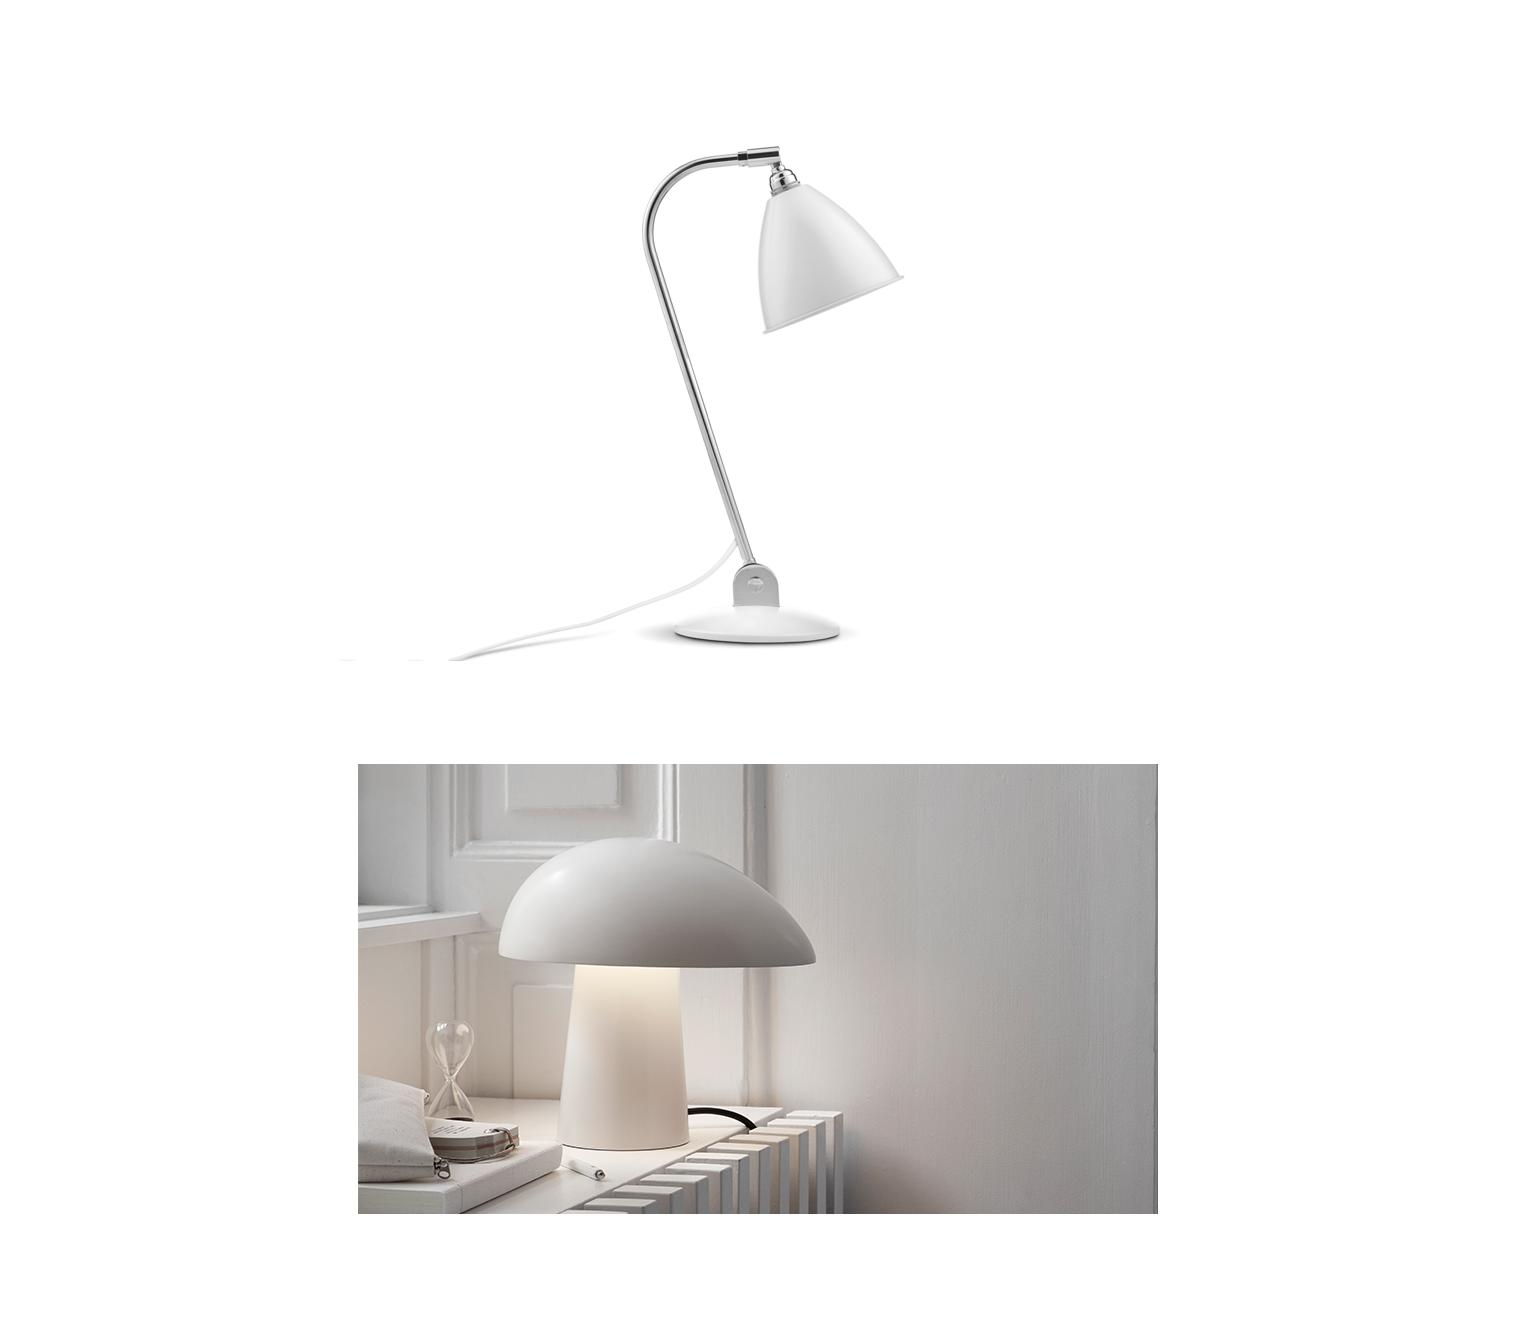 gubi-bestlite-bl2-bordslampa-krom-soft-white-tile